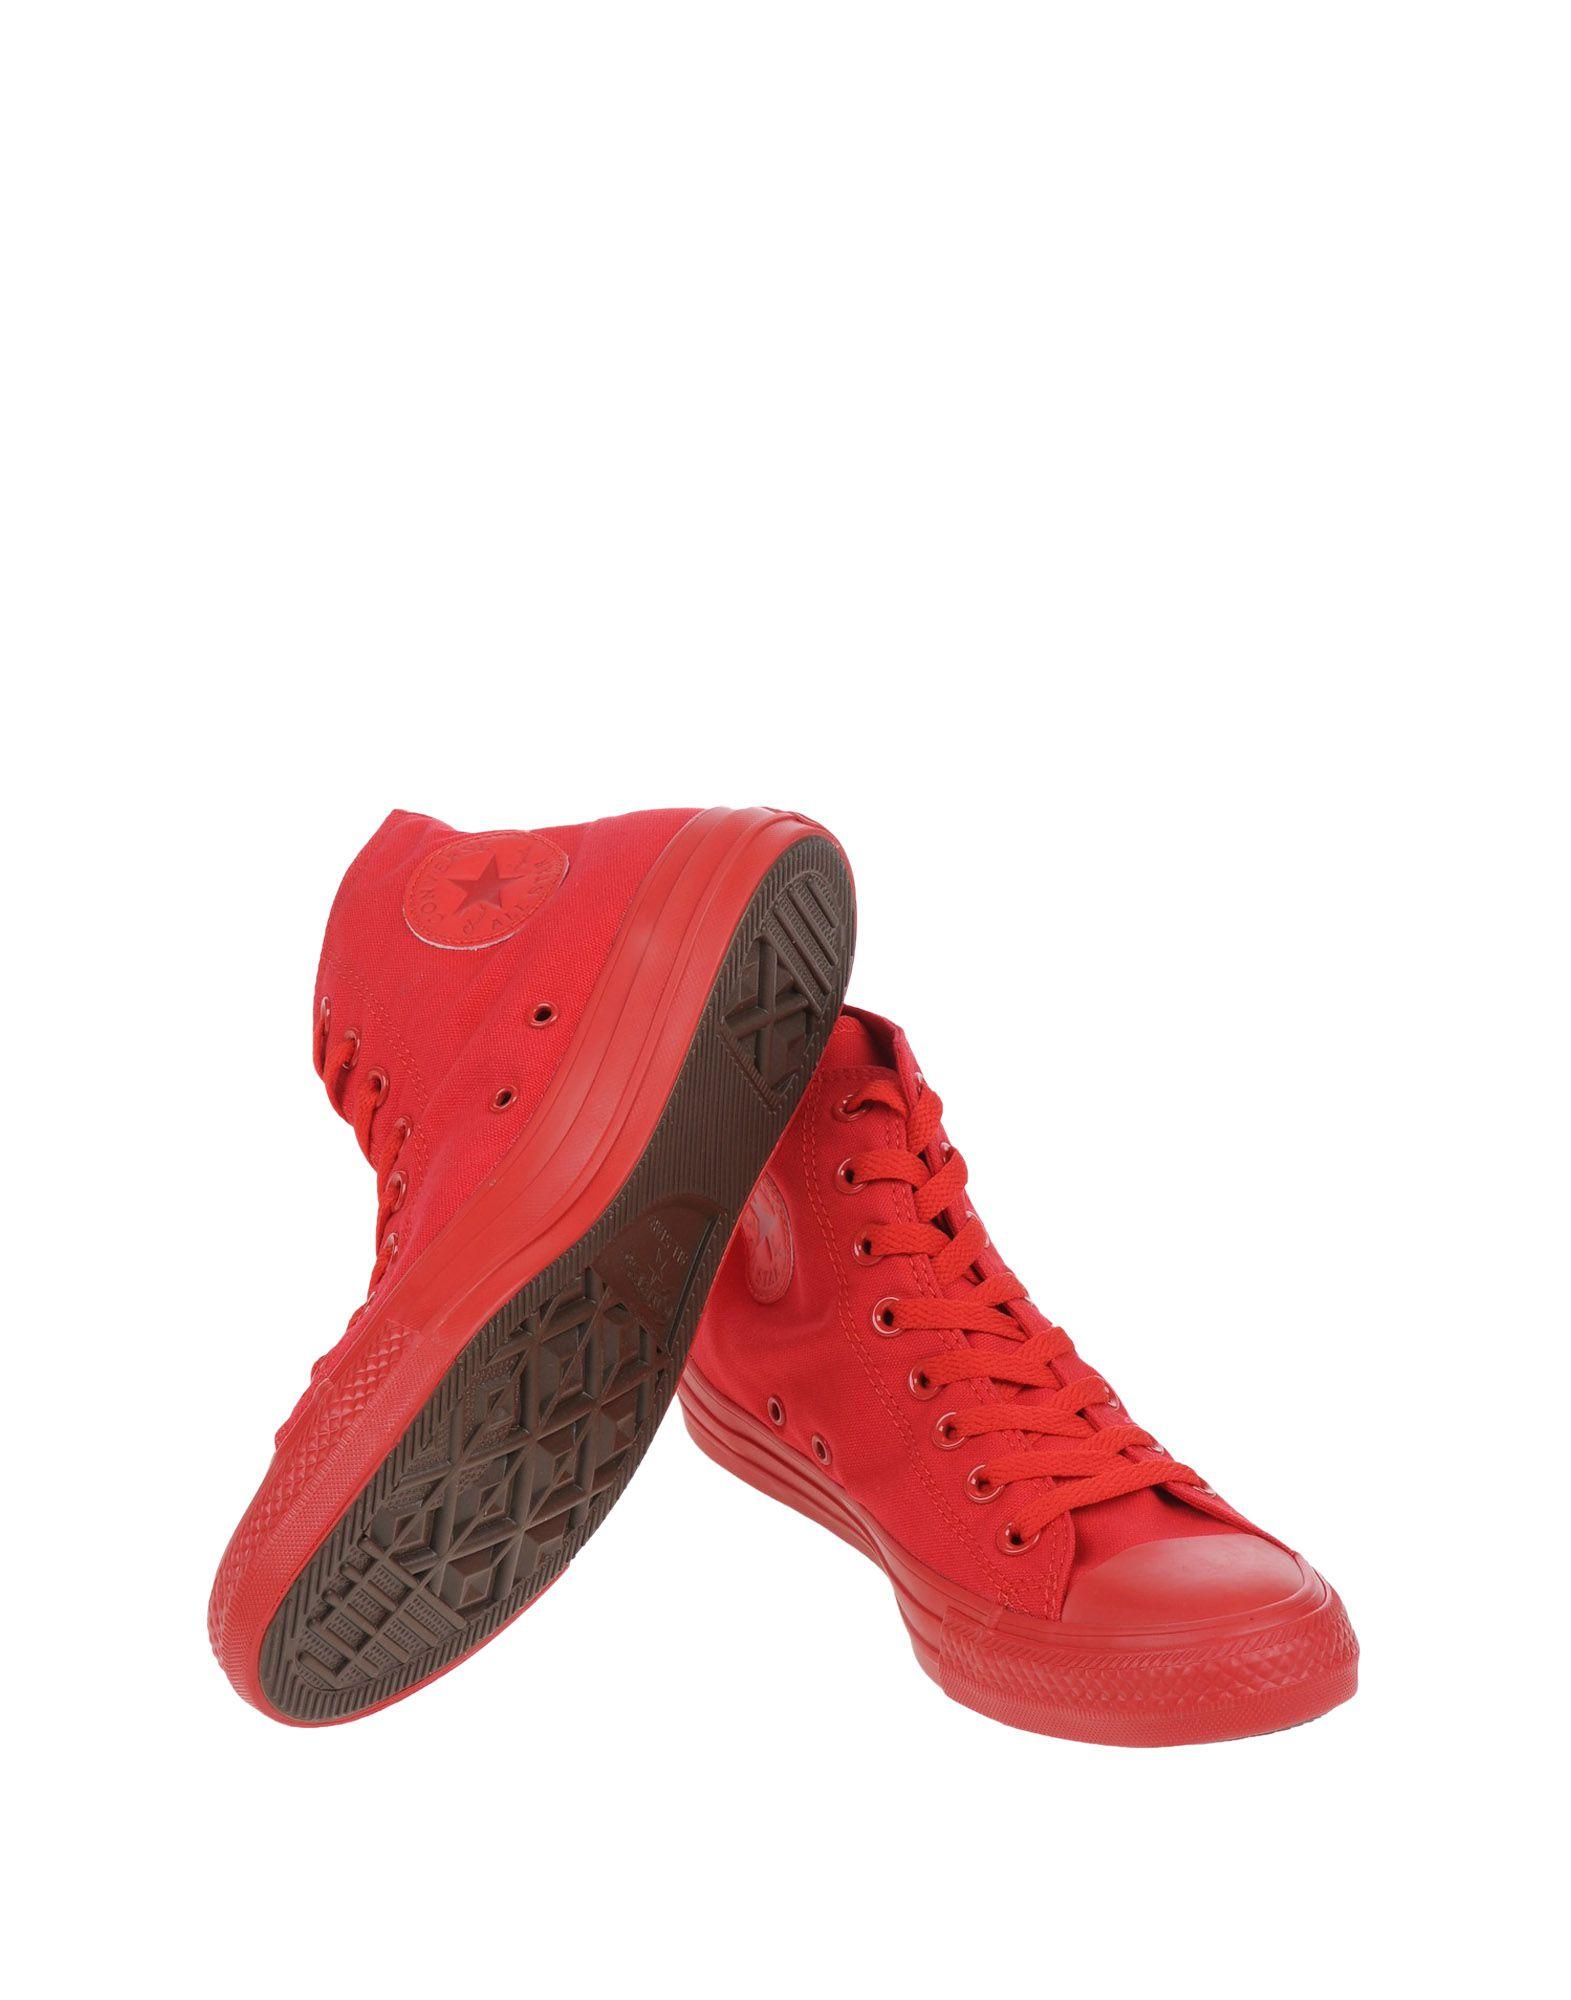 Converse All Star All Star Hi Canvas Monochrome  Schuhe 11003408LT Gute Qualität beliebte Schuhe  291e39